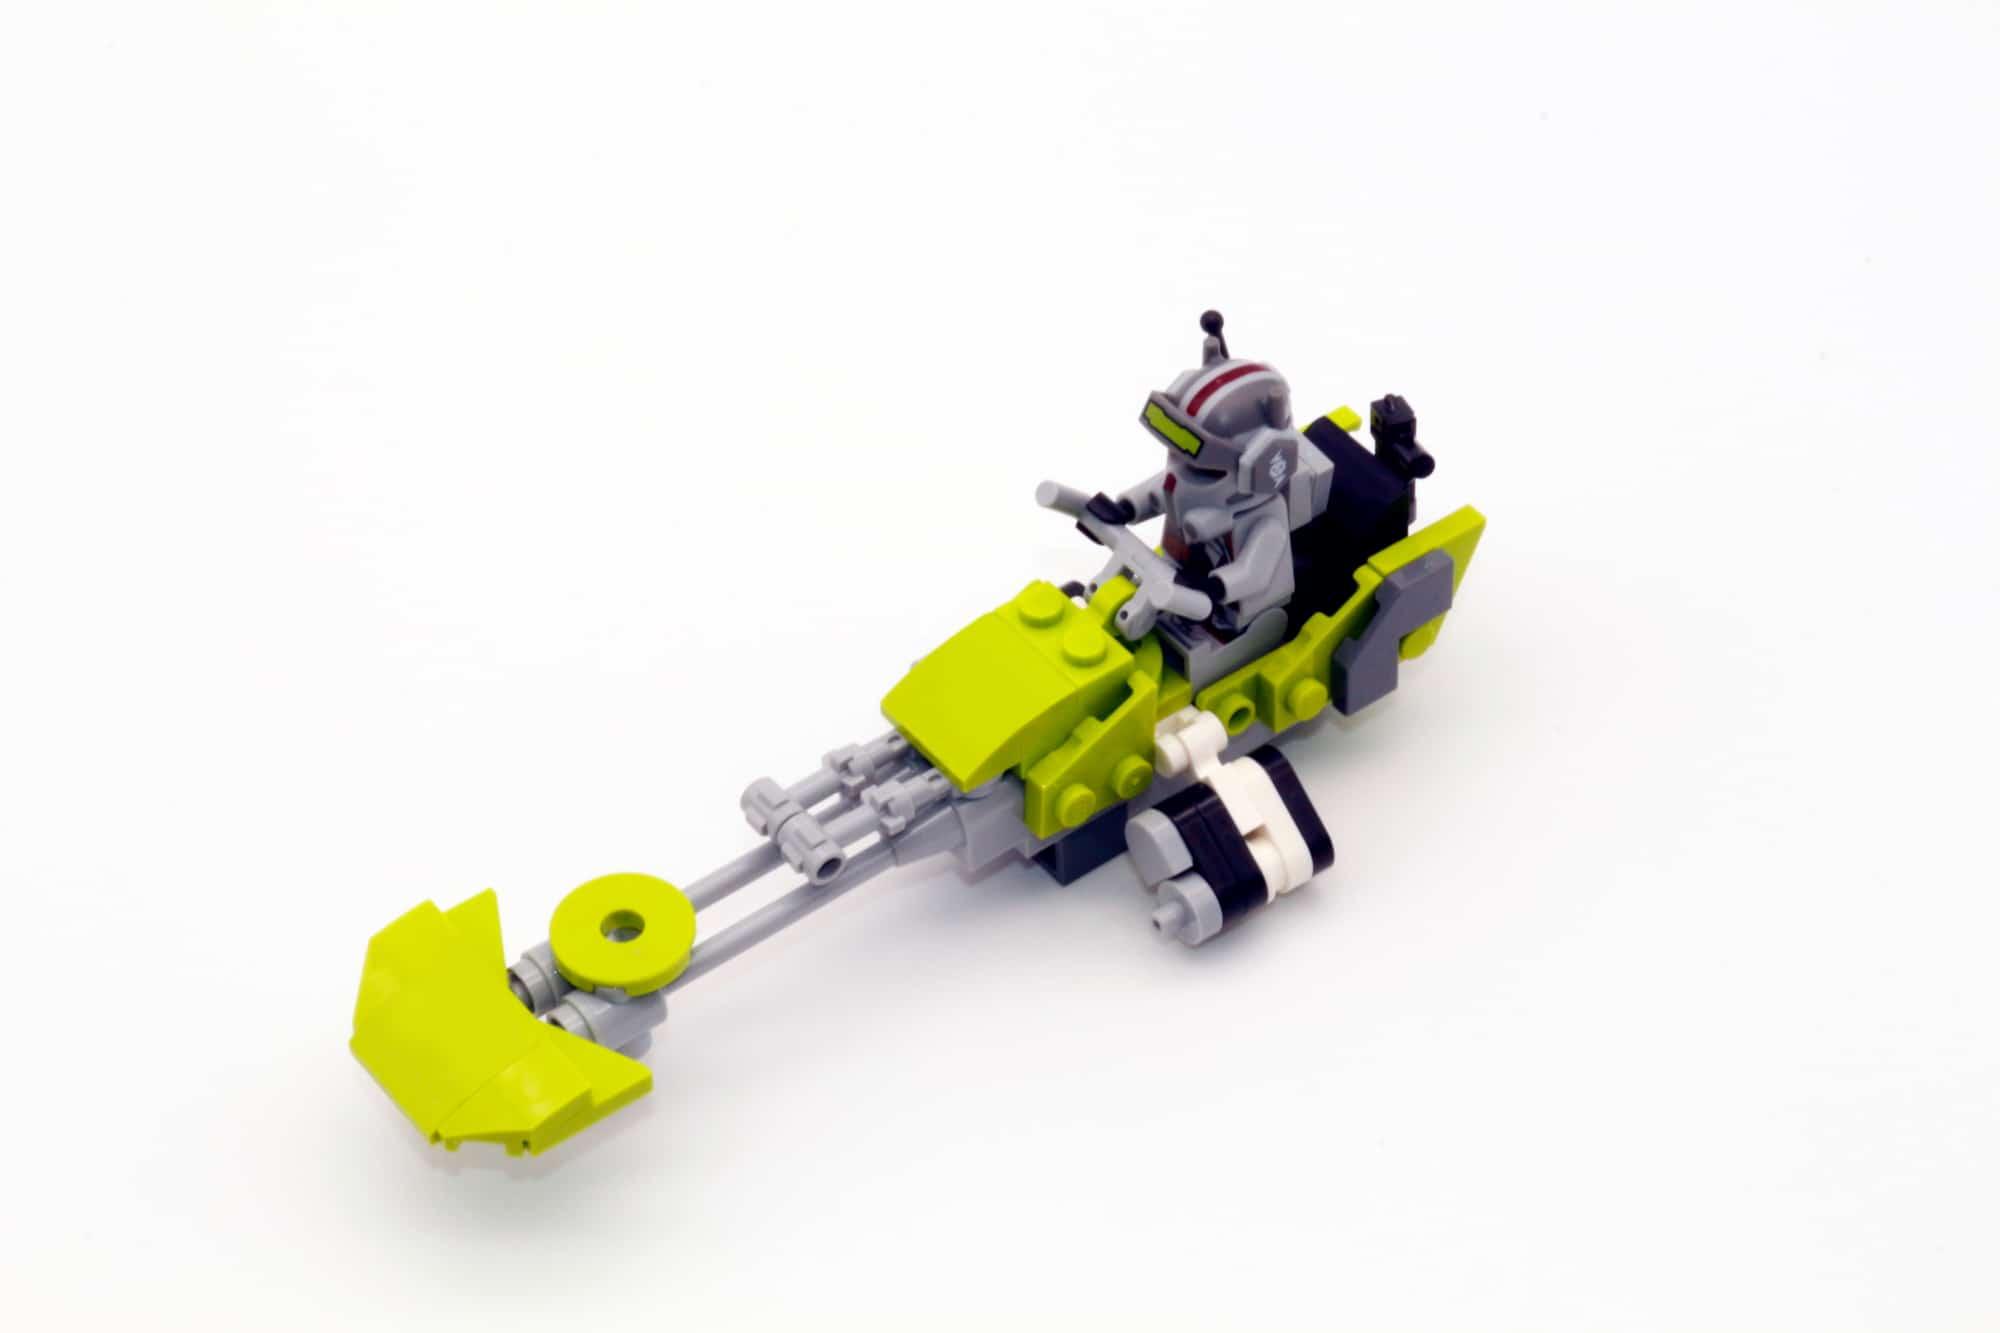 LEGO Star Wars 75314 The Bad Batch Attack Shuttle Speeder 2 ohne Sticker